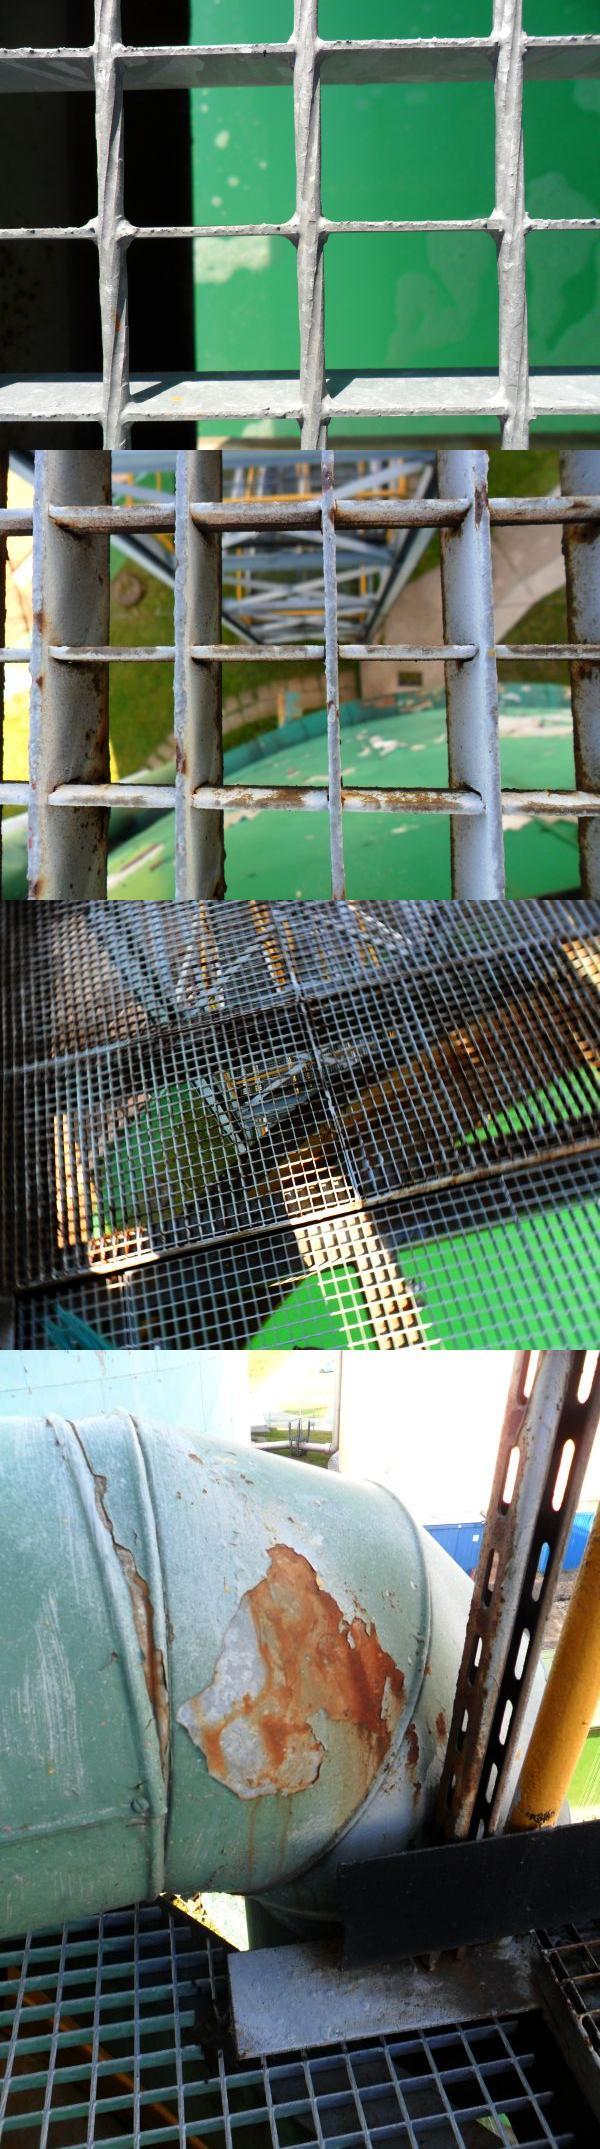 Plac zabaw (kraciasta zapora przed upadkiem).